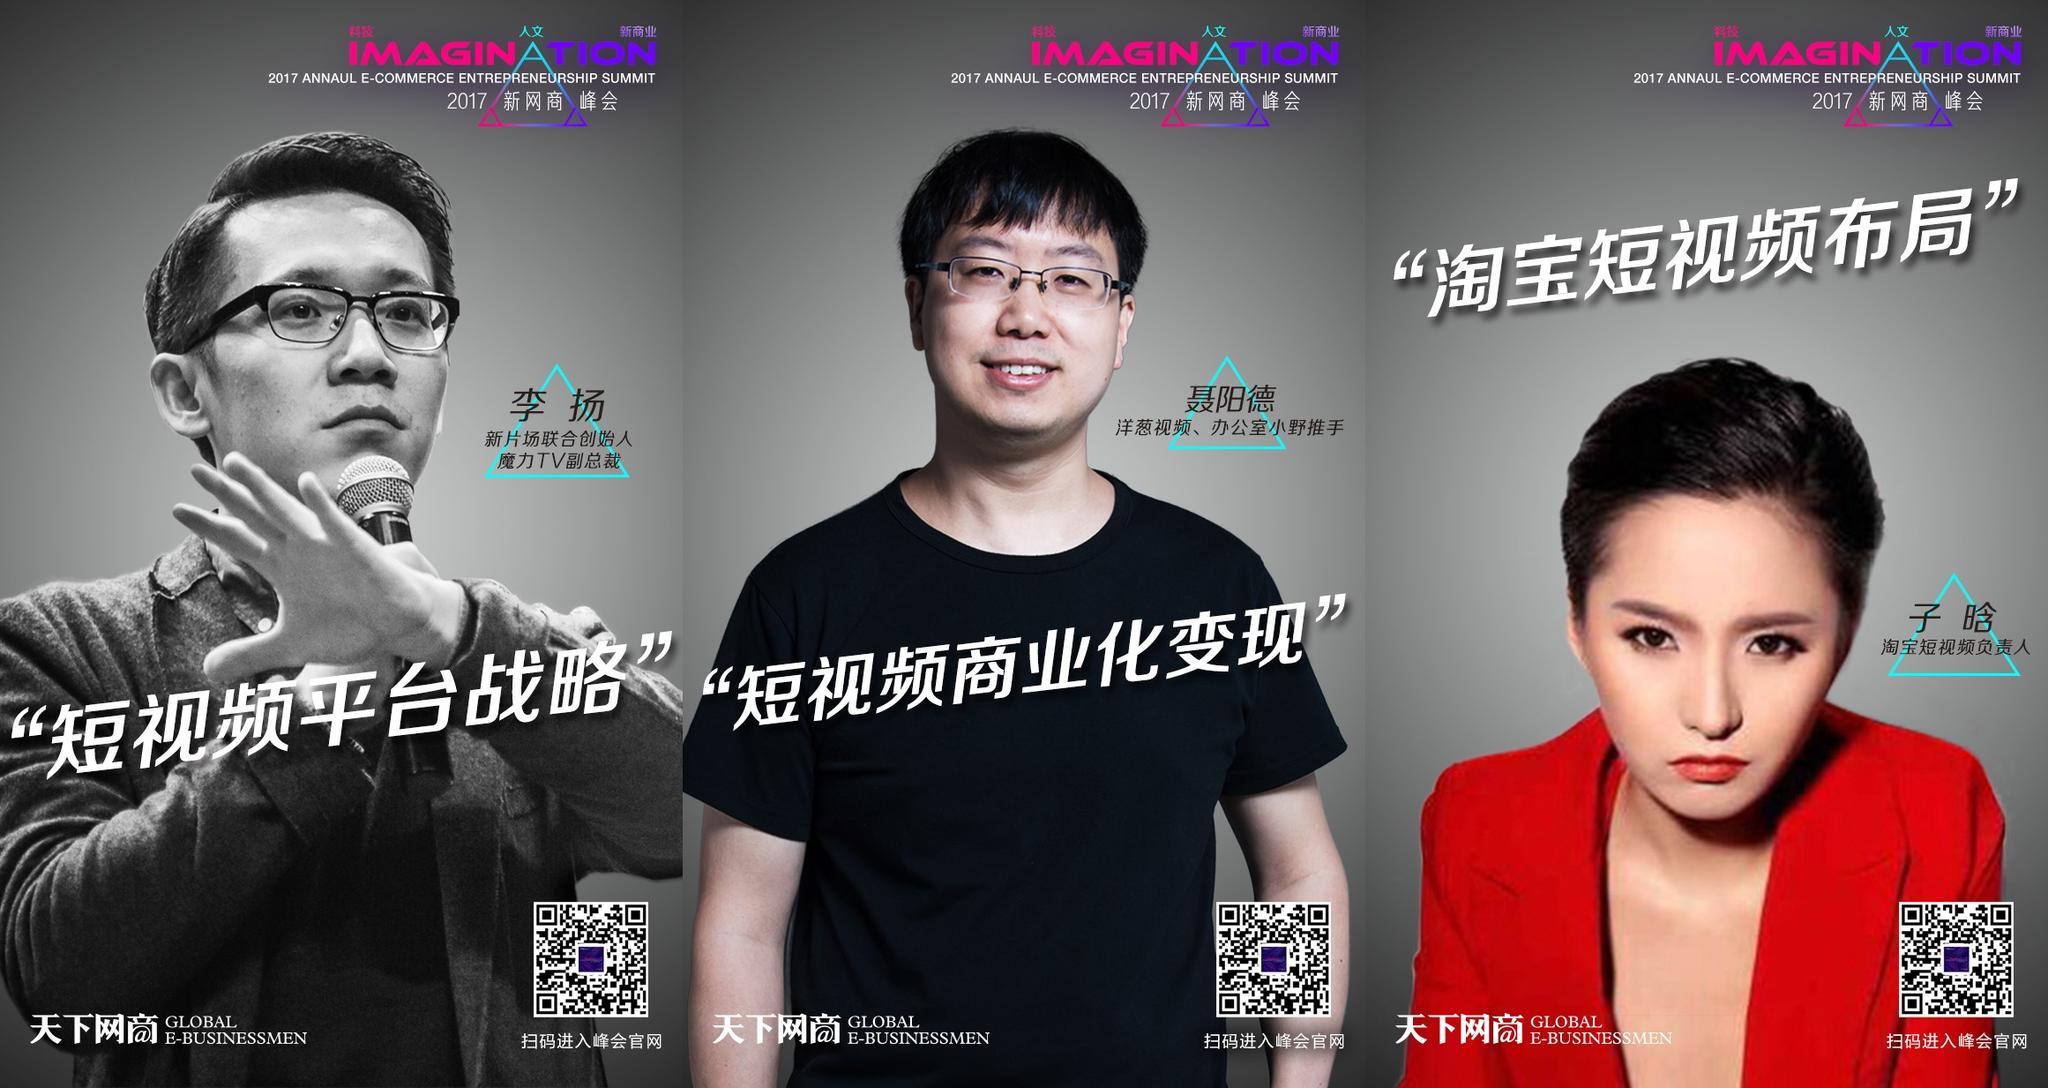 """2017新网商峰会""""好戏""""上演,第一波大咖嘉宾剧透"""